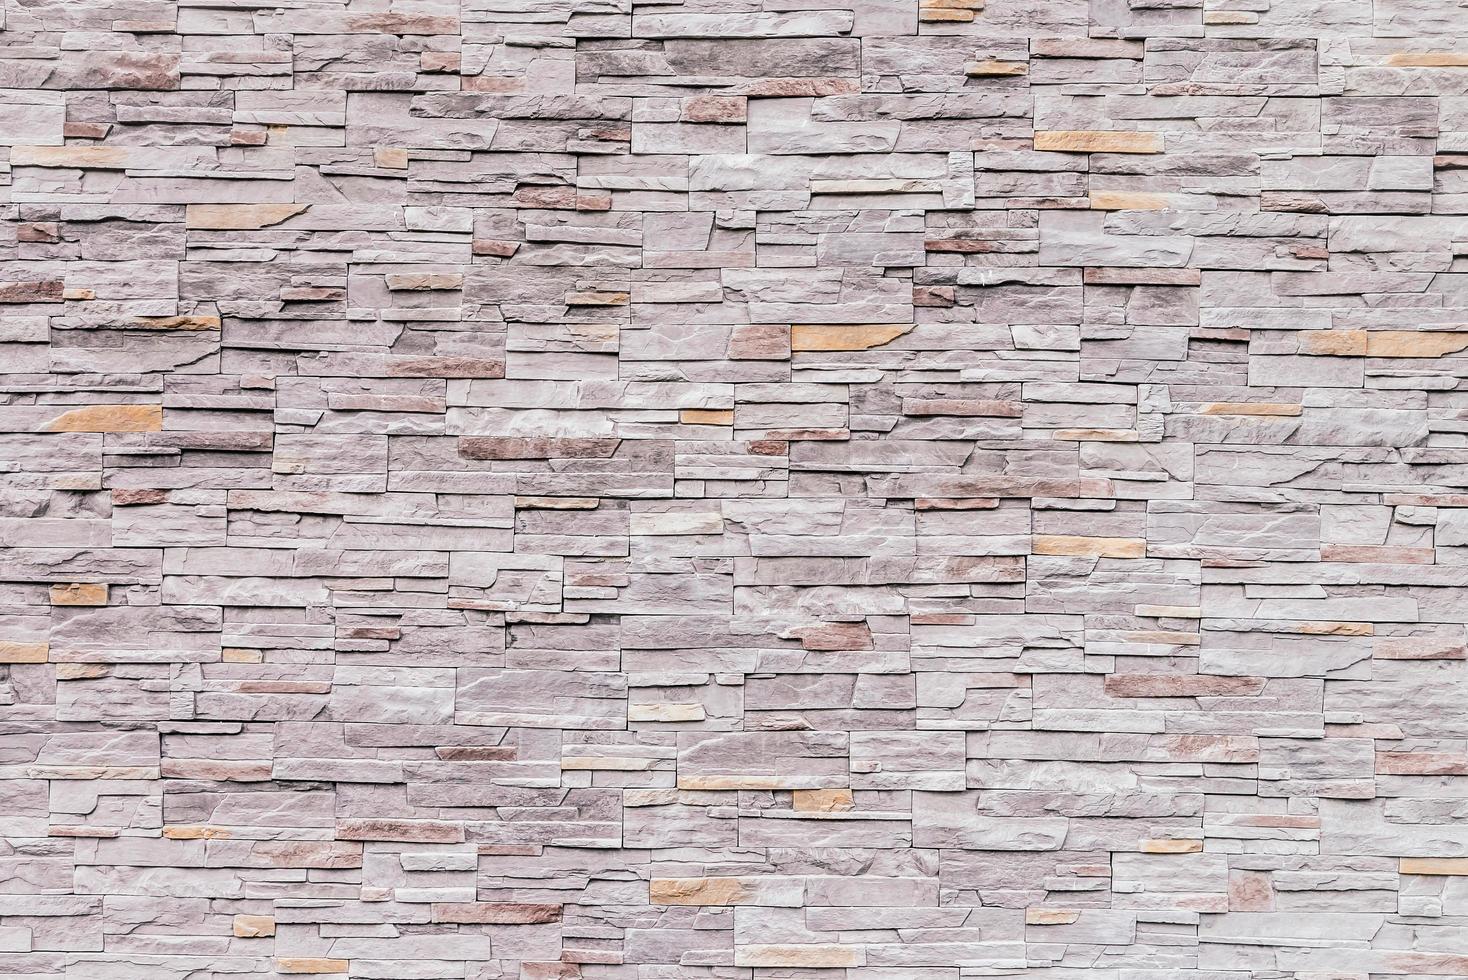 textures de mur de brique photo